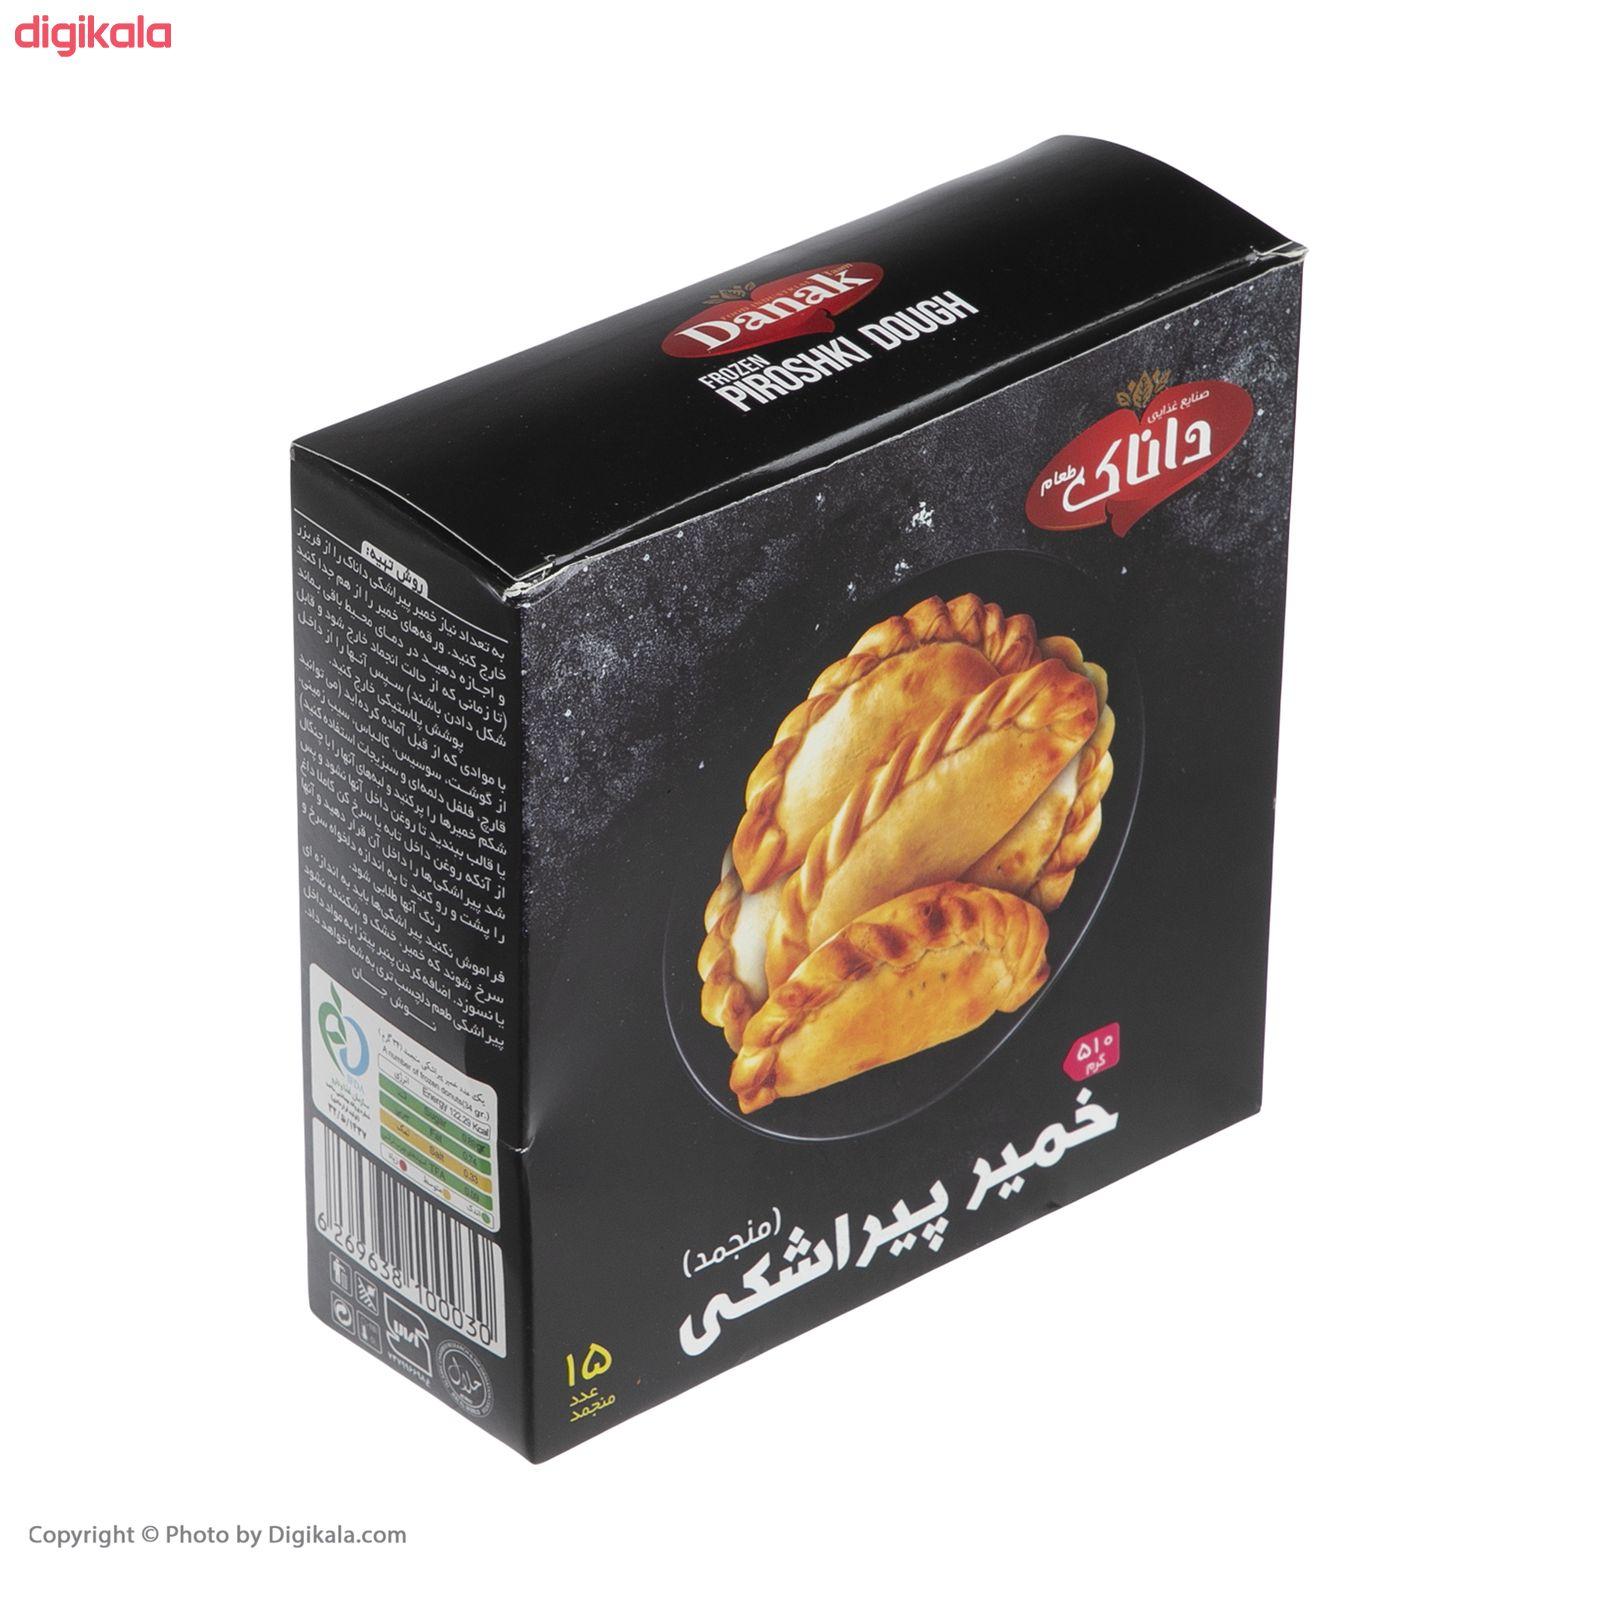 خمیر پیراشکی منجمد داناک - 510 گرم   main 1 2